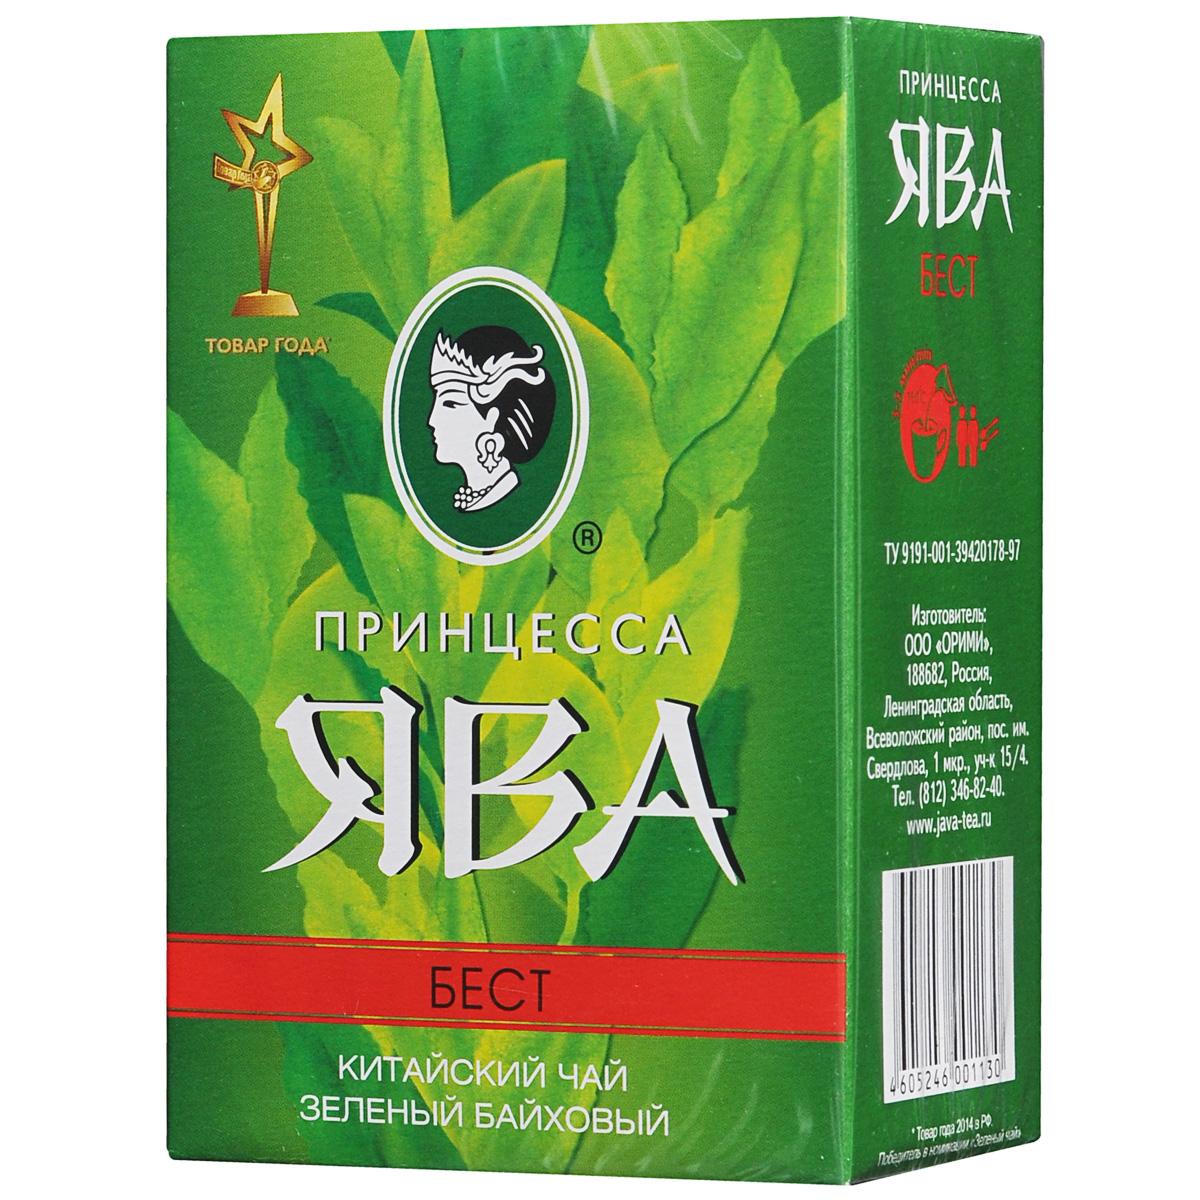 Принцесса Ява Бест зеленый чай листовой, 100 г0113-64Крупнолистовой китайский зеленый чай Принцесса Ява Бест считается традиционным. Он обладает благородным мягким вкусом и особым тонким ароматом.